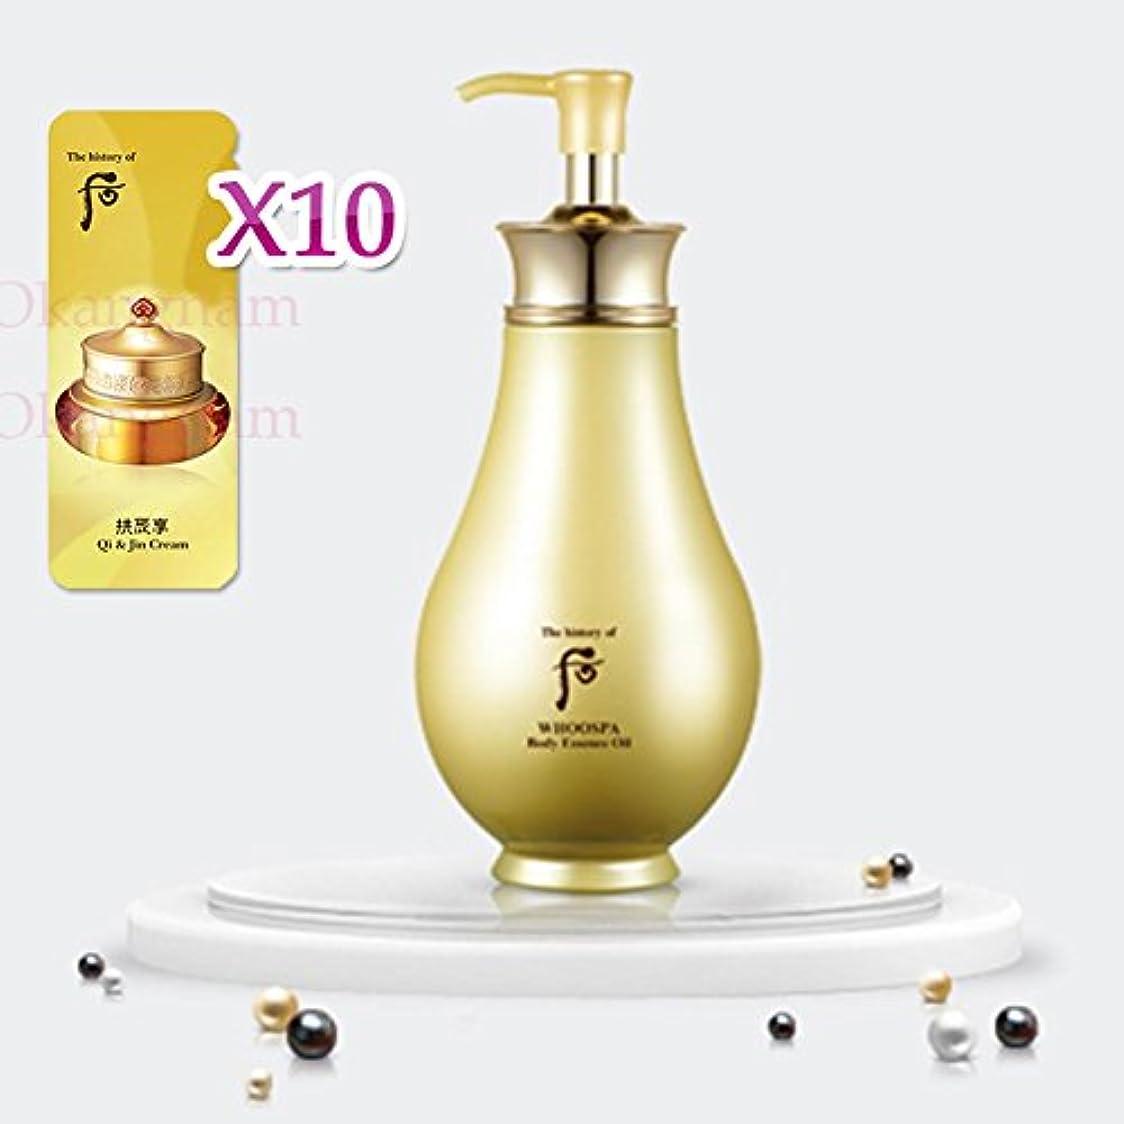 彼らの害虫仲人【フー/The history of whoo] Whoo后SPA03 Whoo Spa Body Essence Oil/后(フー)フス派ボディエッセンスオイル + [Sample Gift](海外直送品)